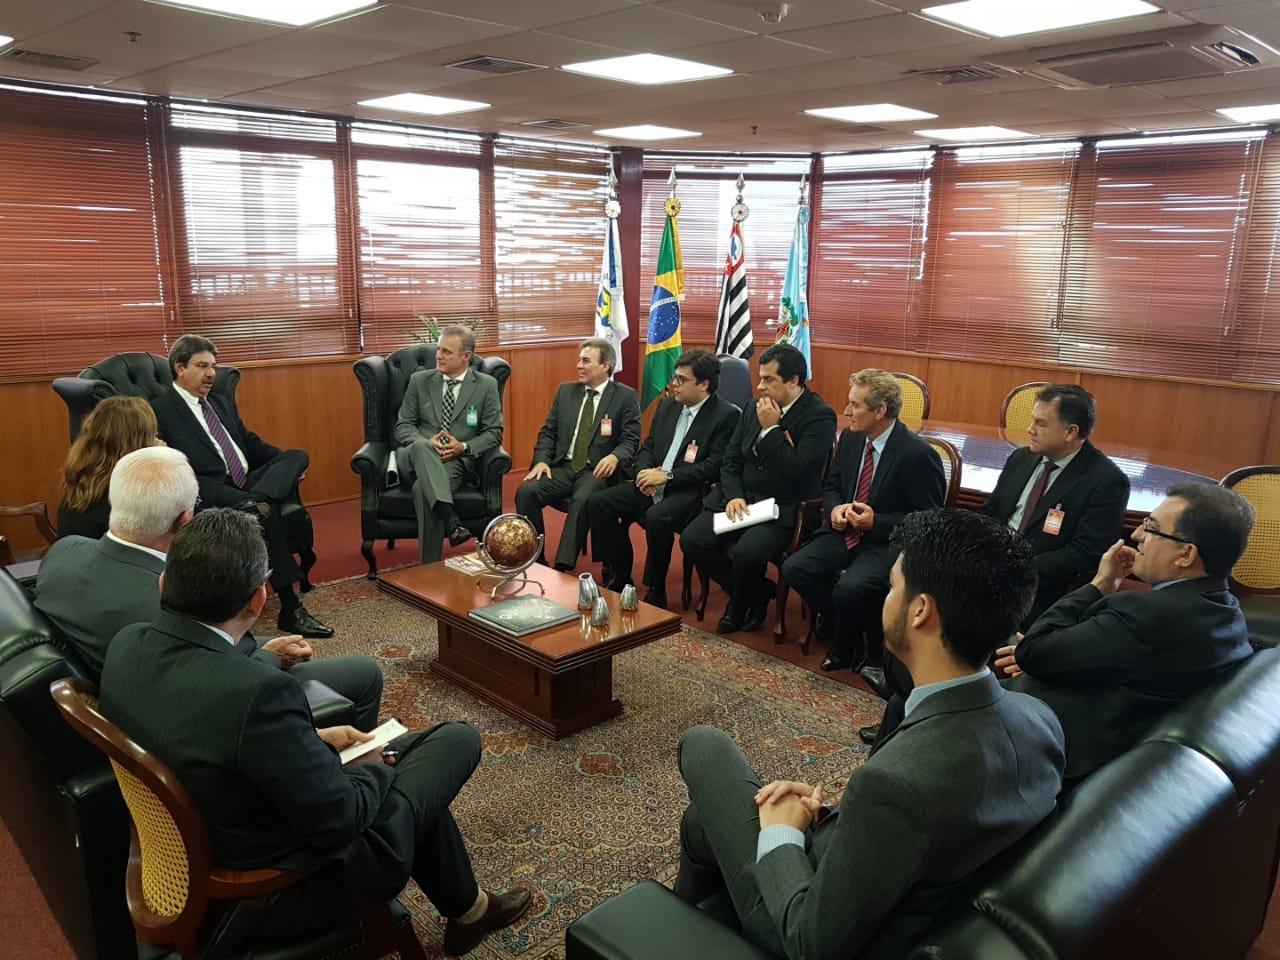 Comitiva se reúne com presidente do TRT da 15ª Região para discutir a instalação de 3ª Vara do Trabalho em Presidente Prudente (SP)